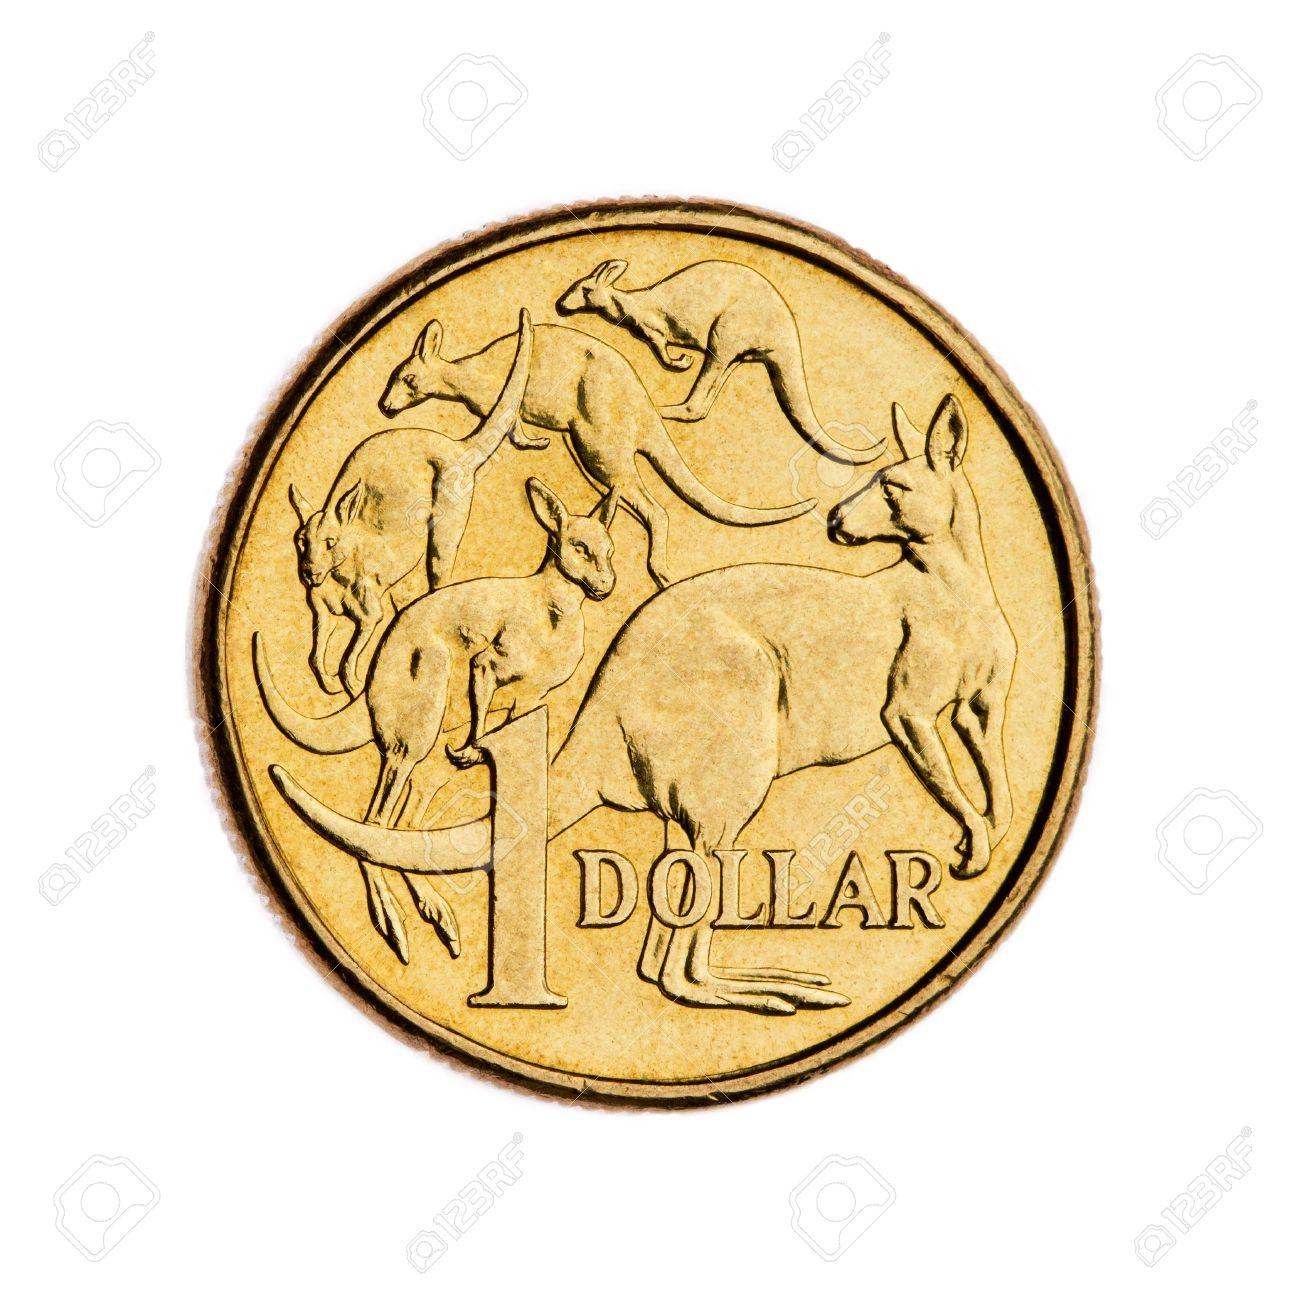 Australian 1 Dollar Münze Lizenzfreie Fotos Bilder Und Stock